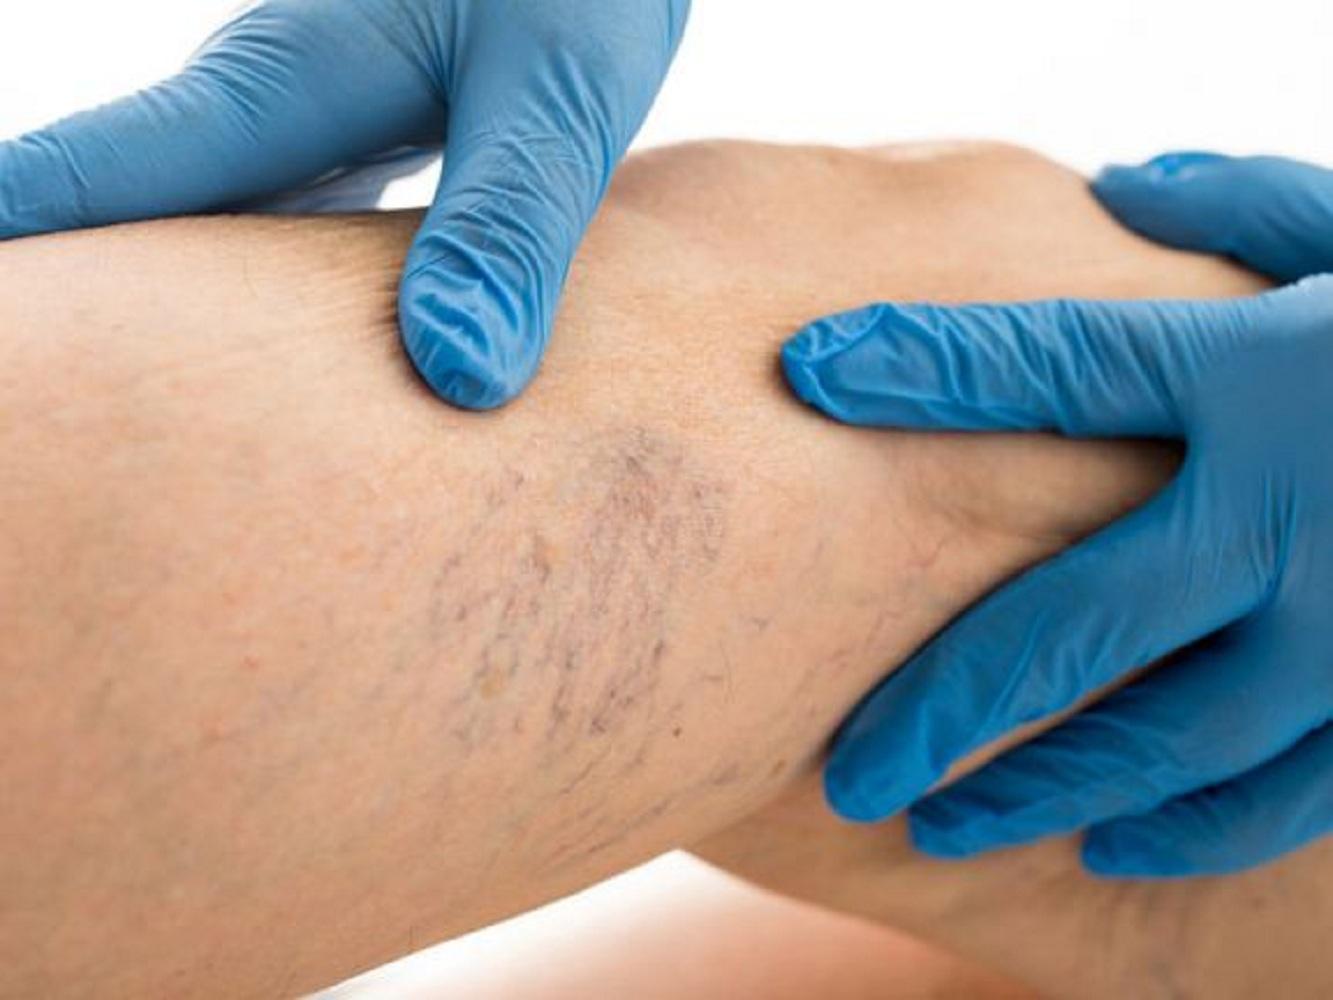 Szúnyogcsípés megelőzése, avagy hogyan tartsuk távol a vérszívókat? | BENU Gyógyszertárak